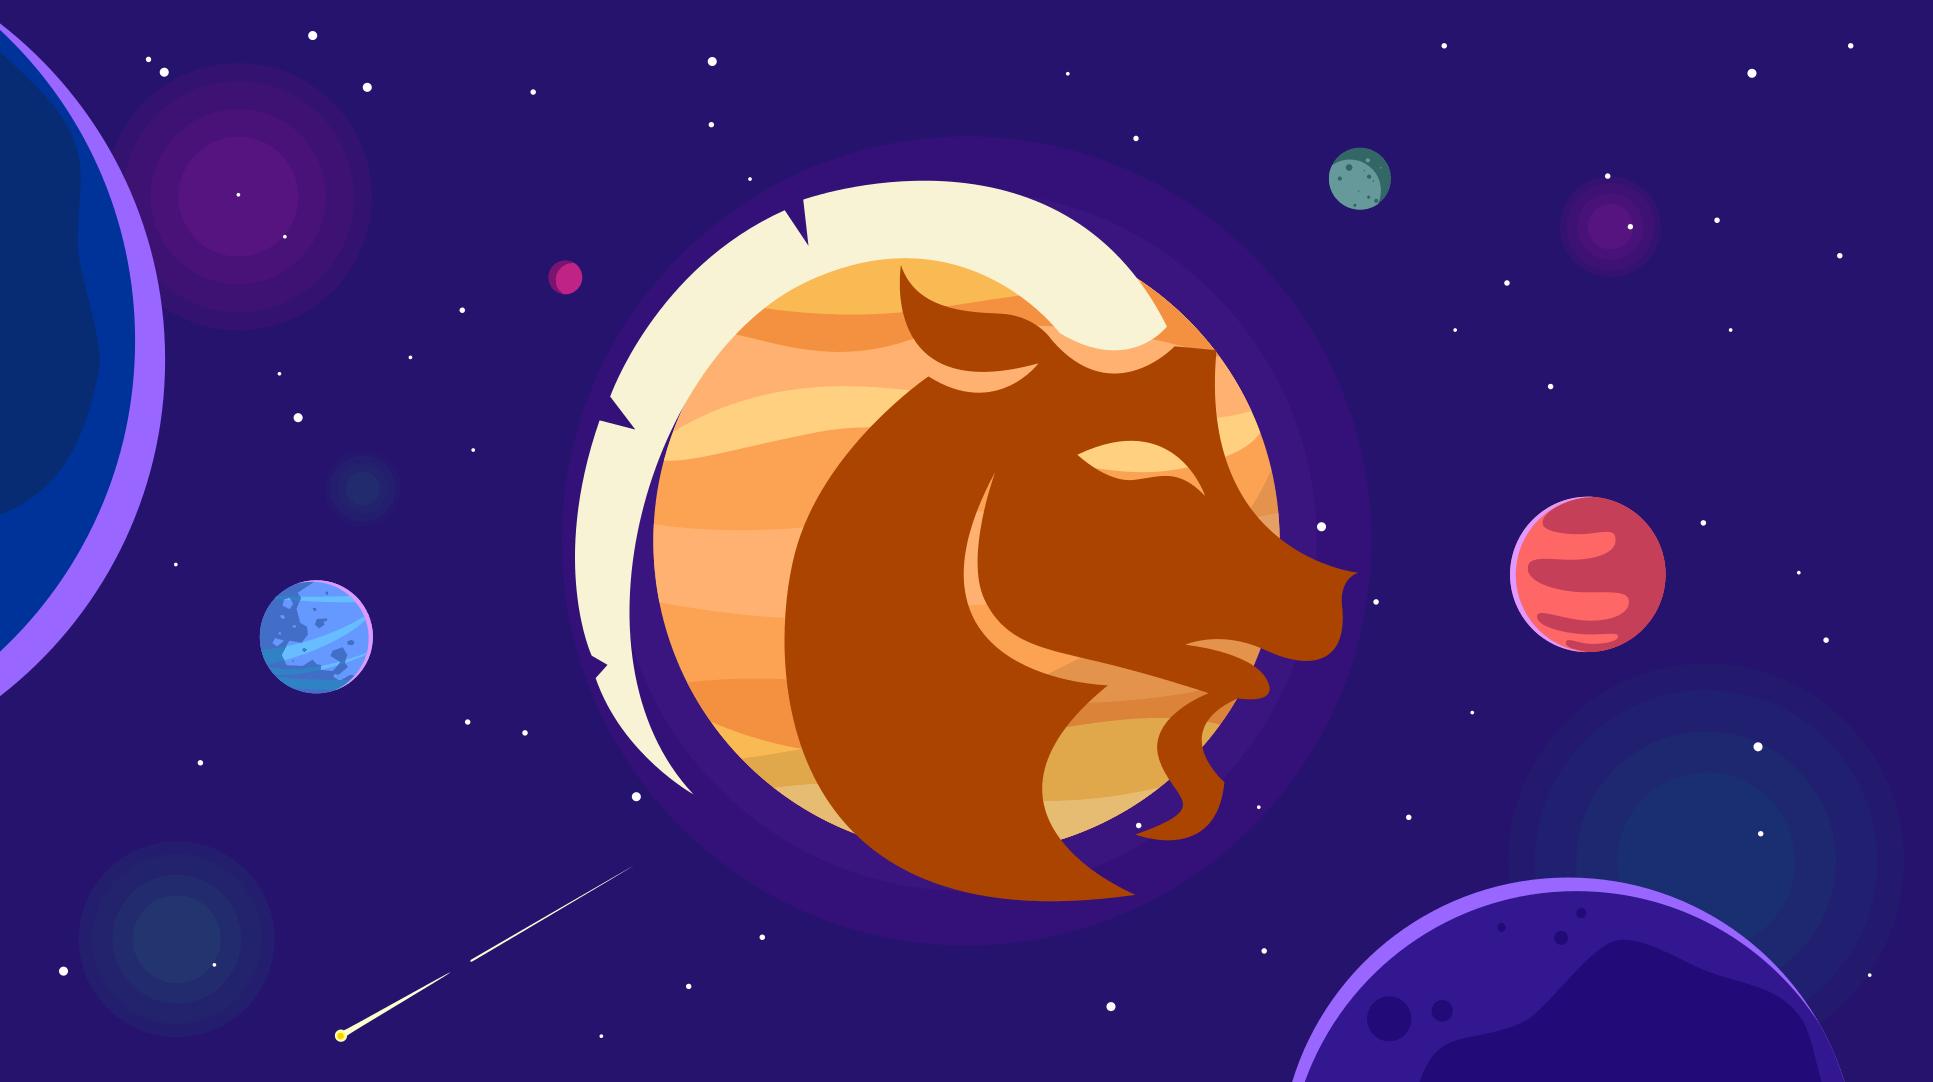 Jupiter in zodia Capricorn